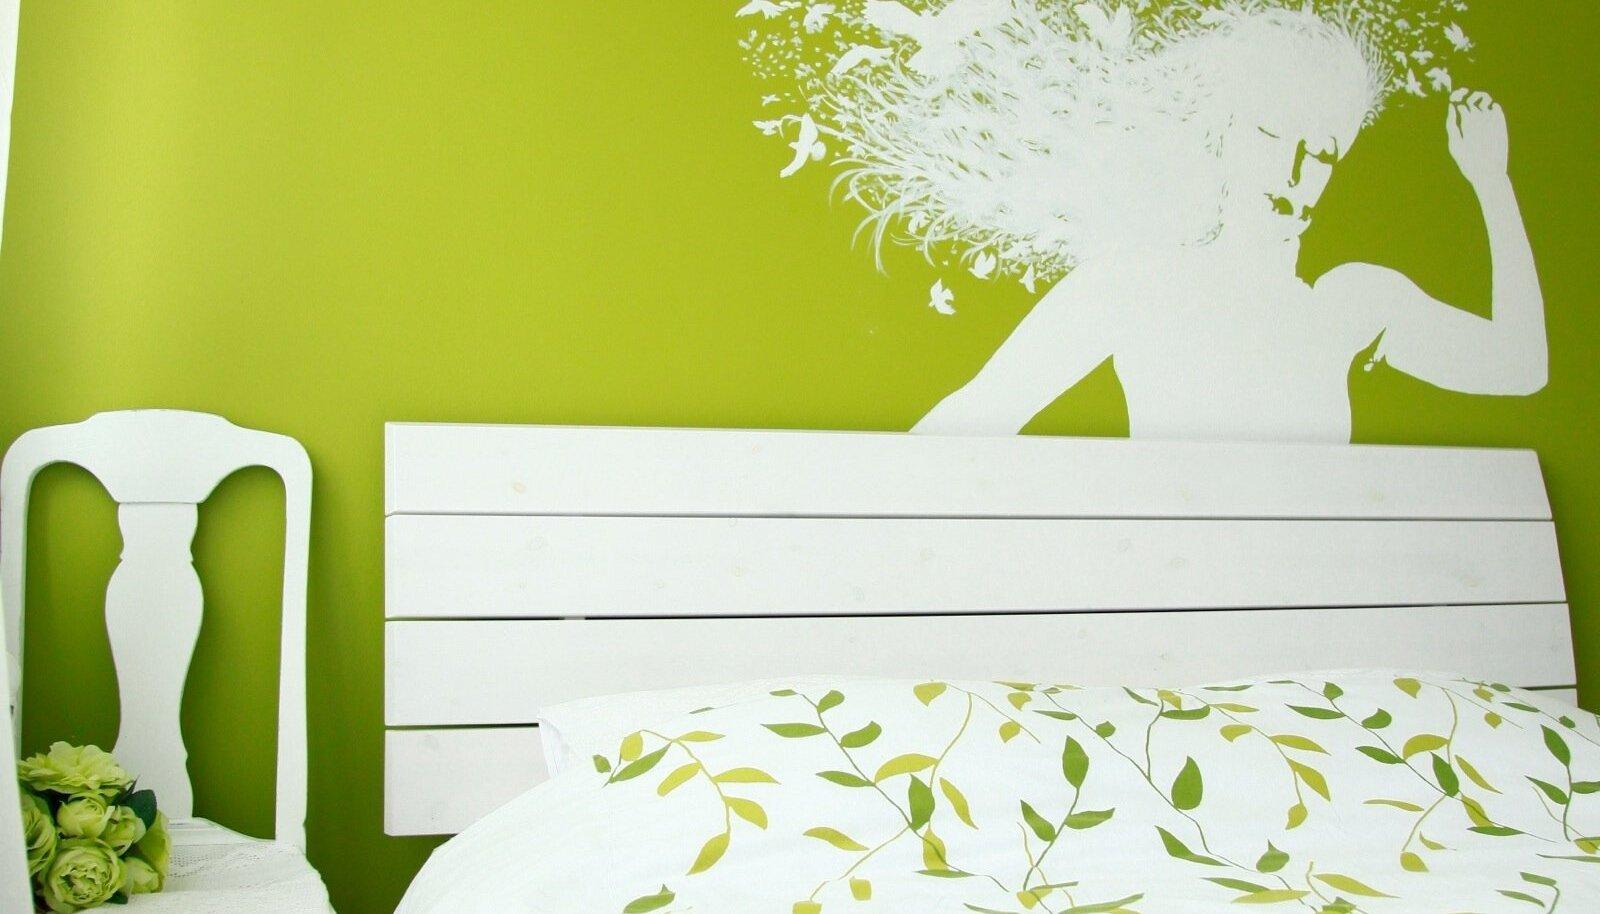 FOTOD Kuidas magamistuba kevadiselt särama panna